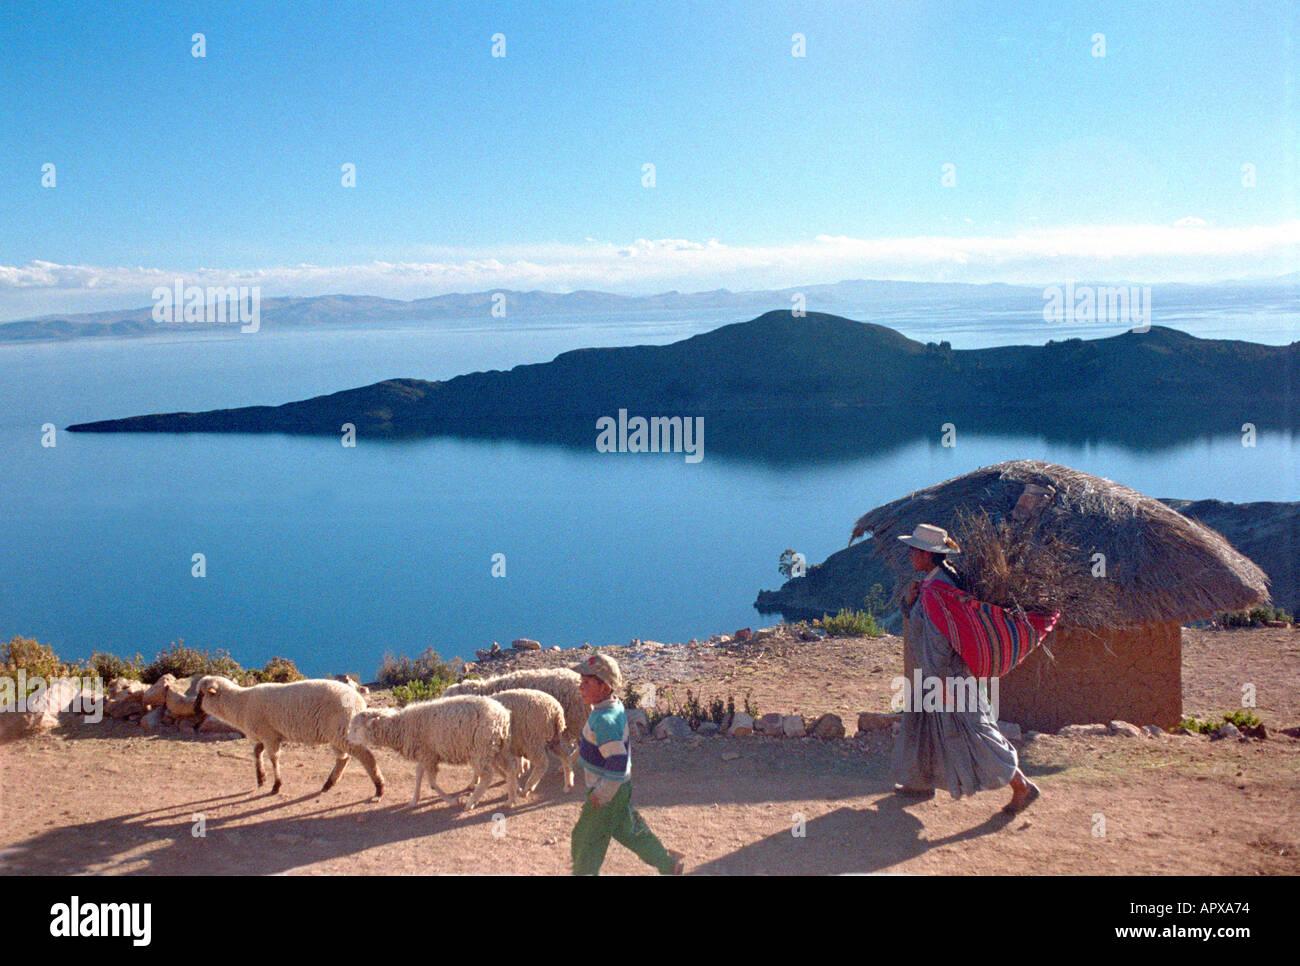 Isla del Sol Lago Lake Titicaca Bolivia - Stock Image